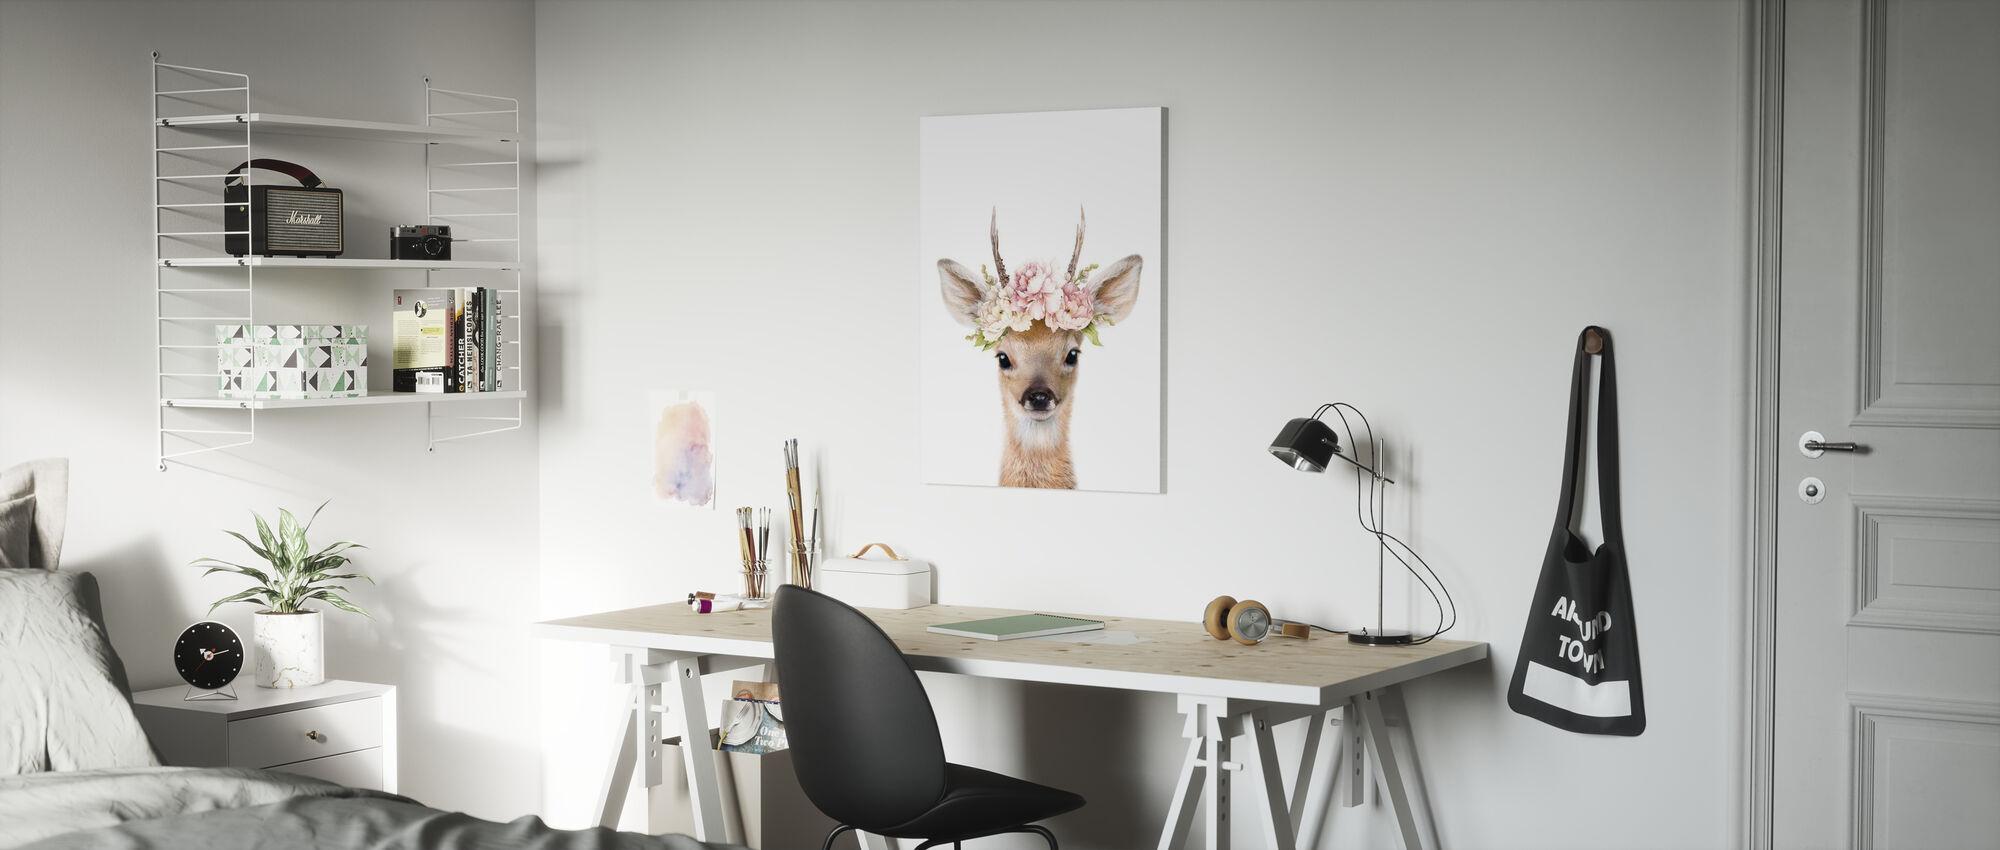 Floral Deer - Canvas print - Kids Room